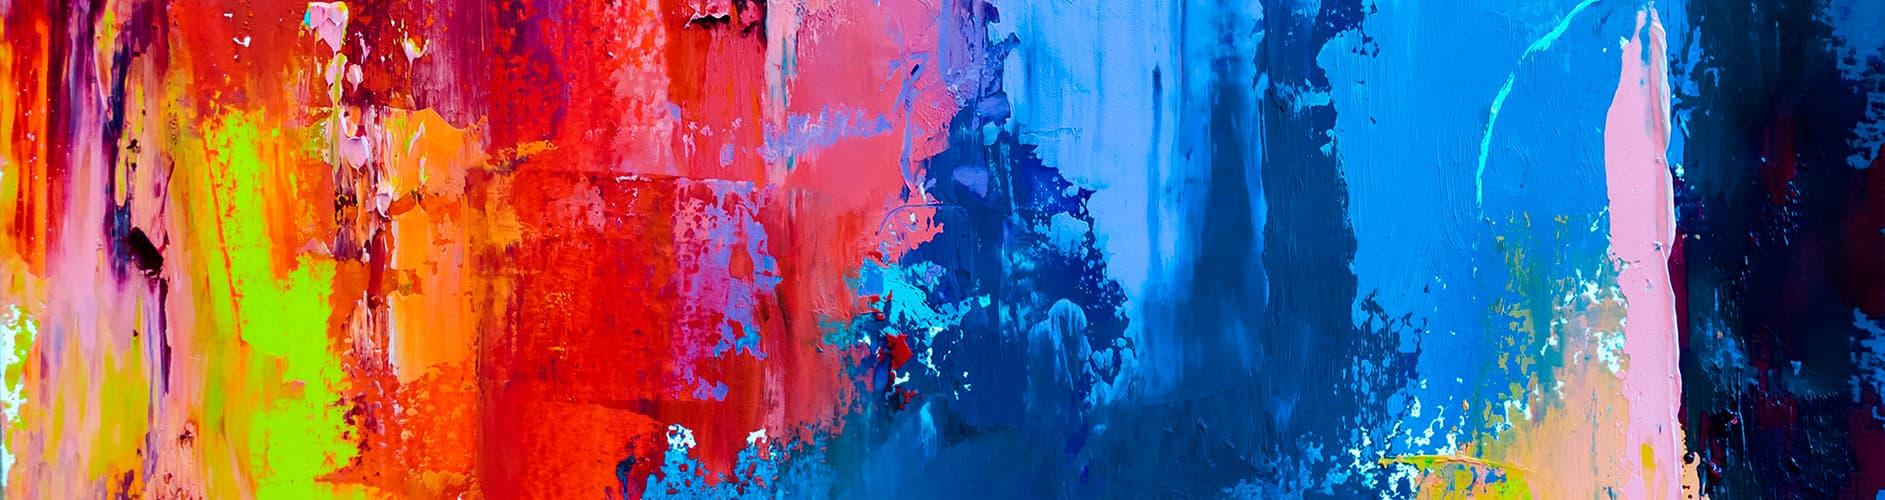 Купить краску для стен в Омске